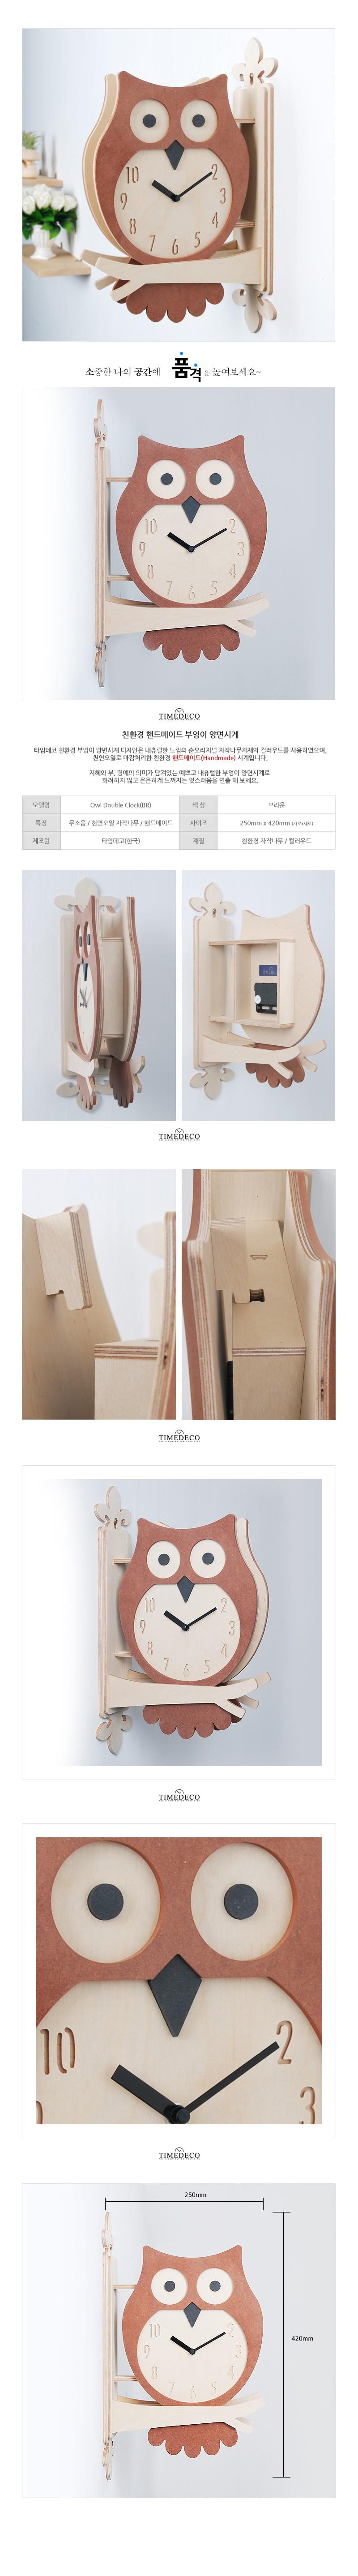 타임데코 자작나무 핸드메이드 부엉이 양면시계 - 썸몰, 79,000원, 벽시계, 우드벽시계